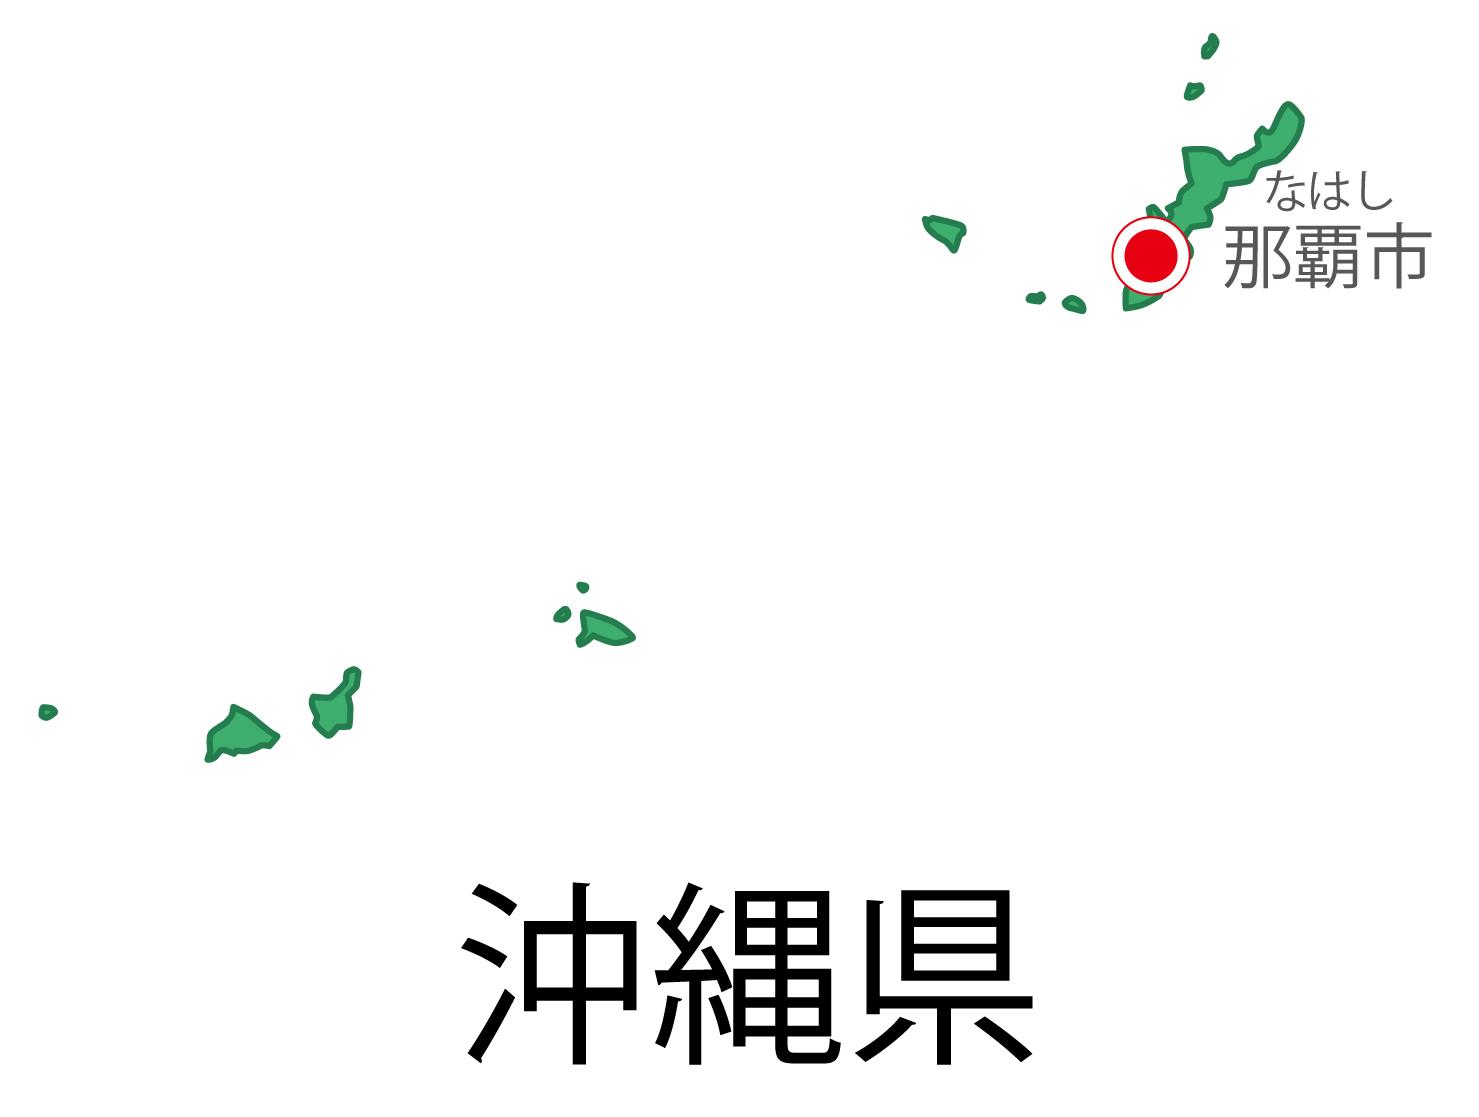 沖縄県無料フリーイラスト|日本語・都道府県名あり・県庁所在地あり(ルビあり)